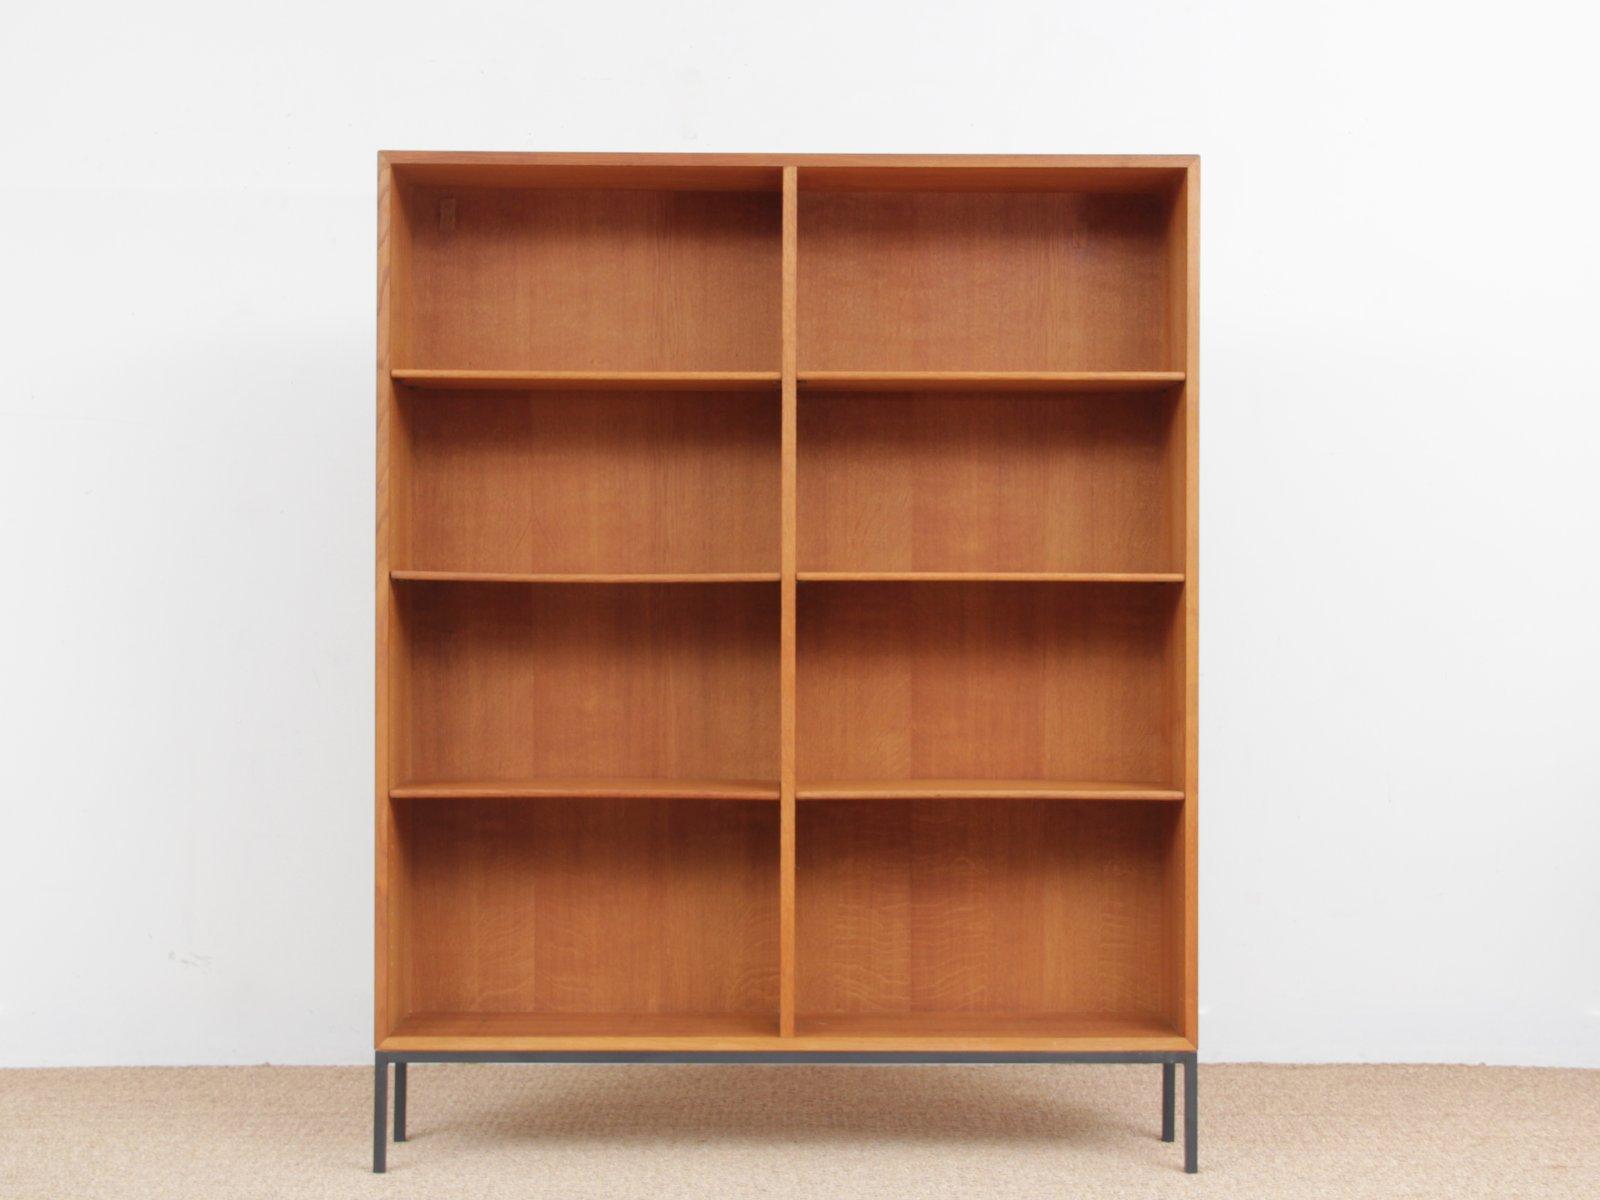 Mid-Century Modern Scandinavian Bookcase In Oak By Borge Mogensen